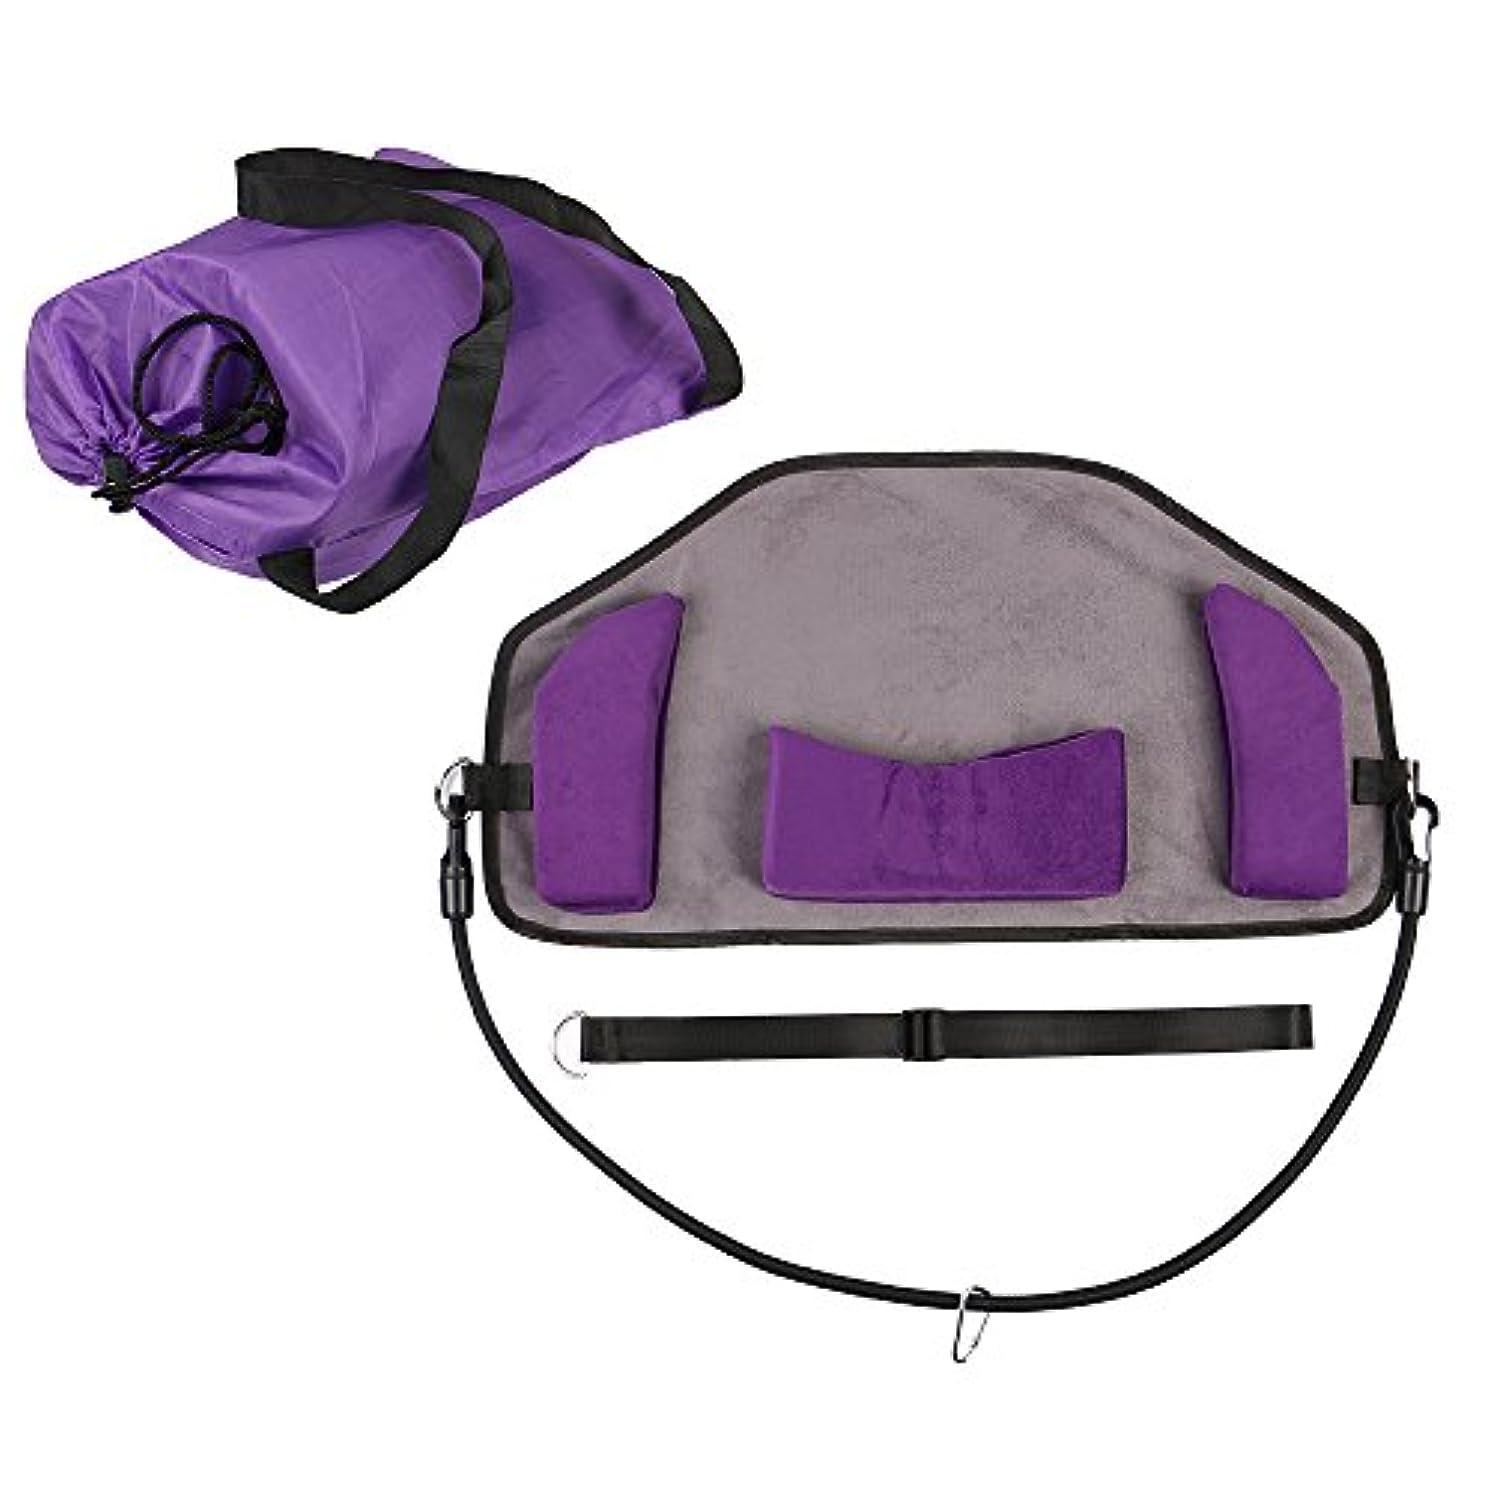 仮説場所楕円形ネックハンモックネックペイントリリーフのためのより良いハンモックポータブルと調節可能なネックストレッチャーあなたの疲れを速やかに解消 (紫の)